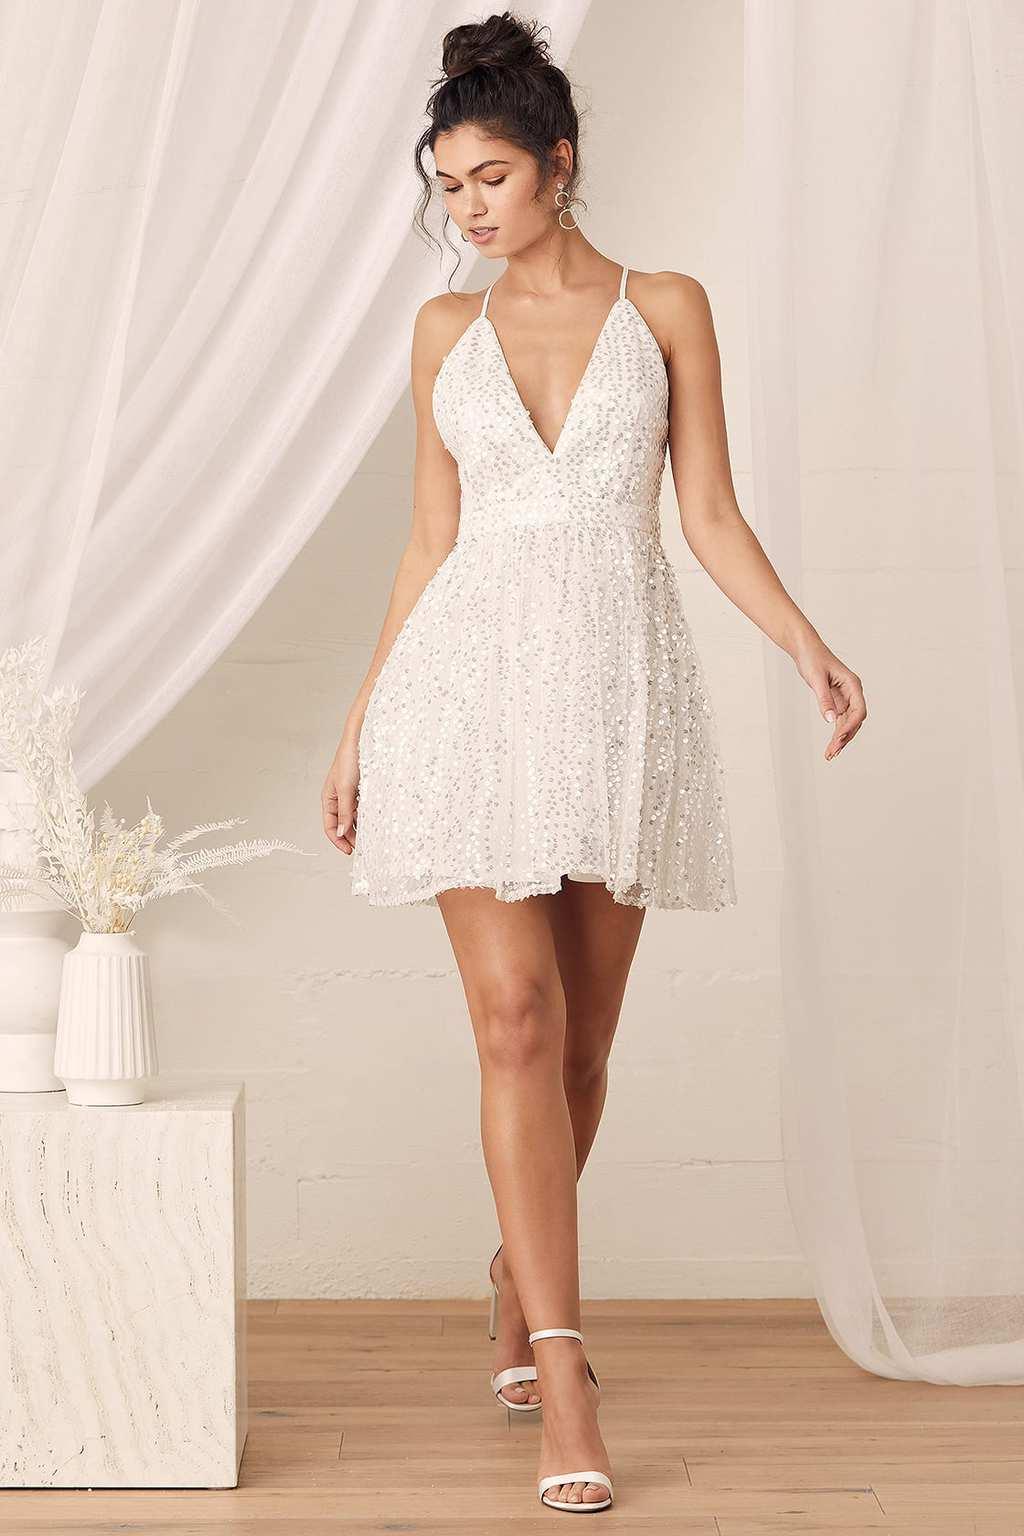 White sequin mini skater dress from Lulu's